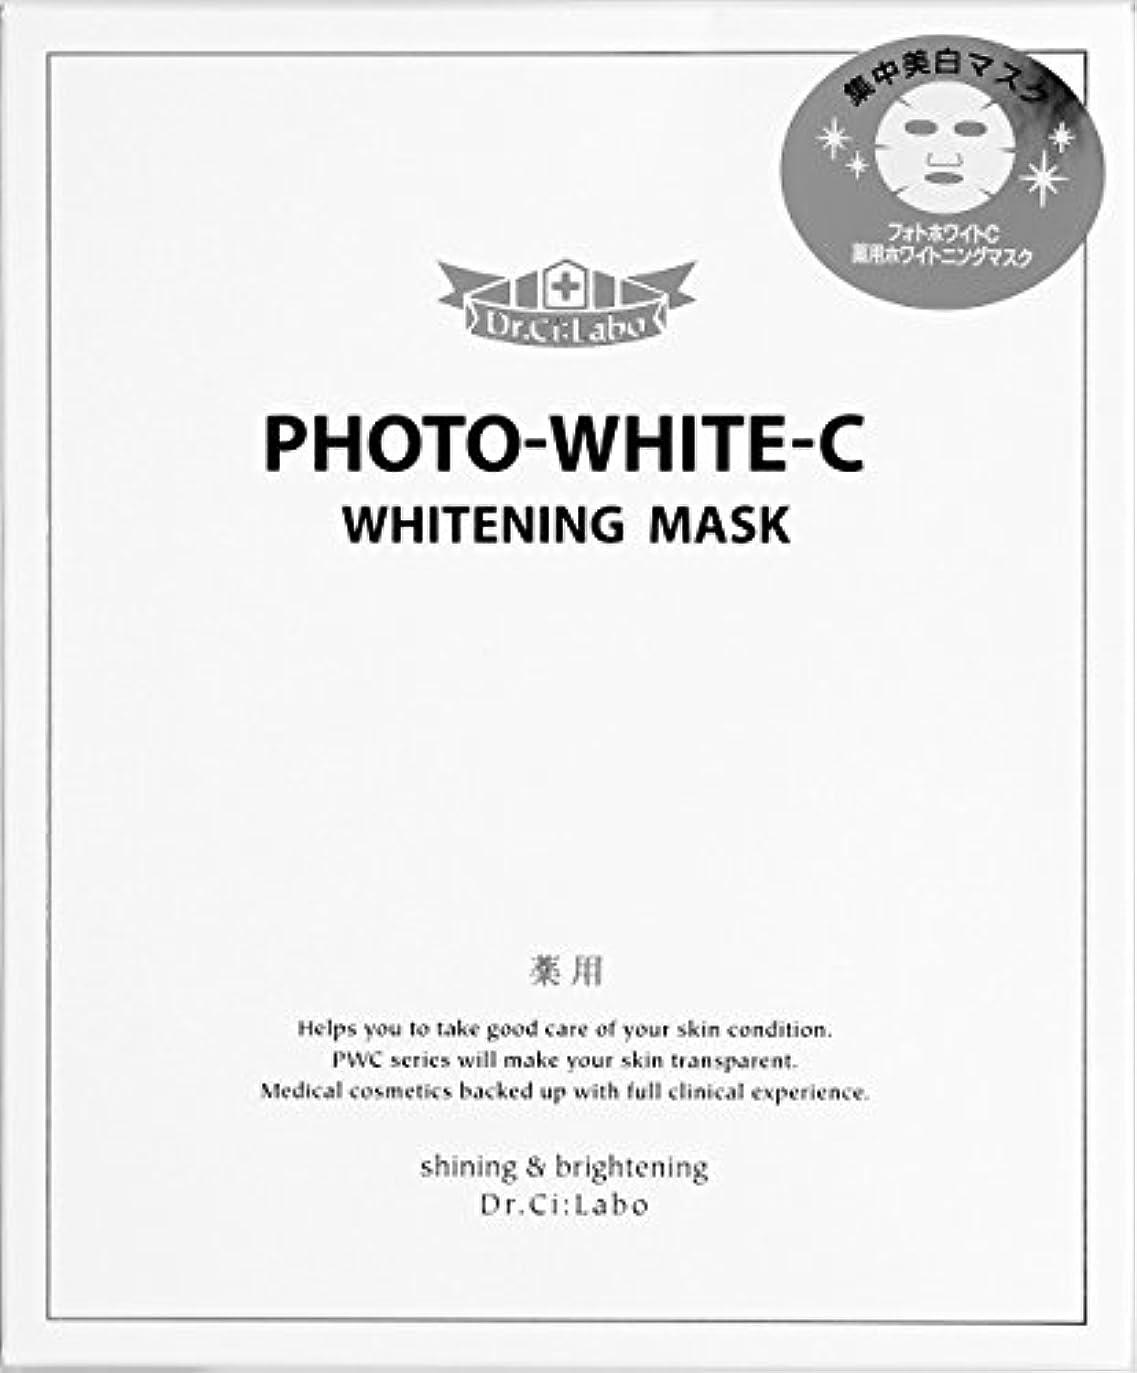 やる折るピンドクターシーラボ フォトホワイトC 薬用ホワイトニングマスク (1箱:5枚入り) フェイスパック [医薬部外品]